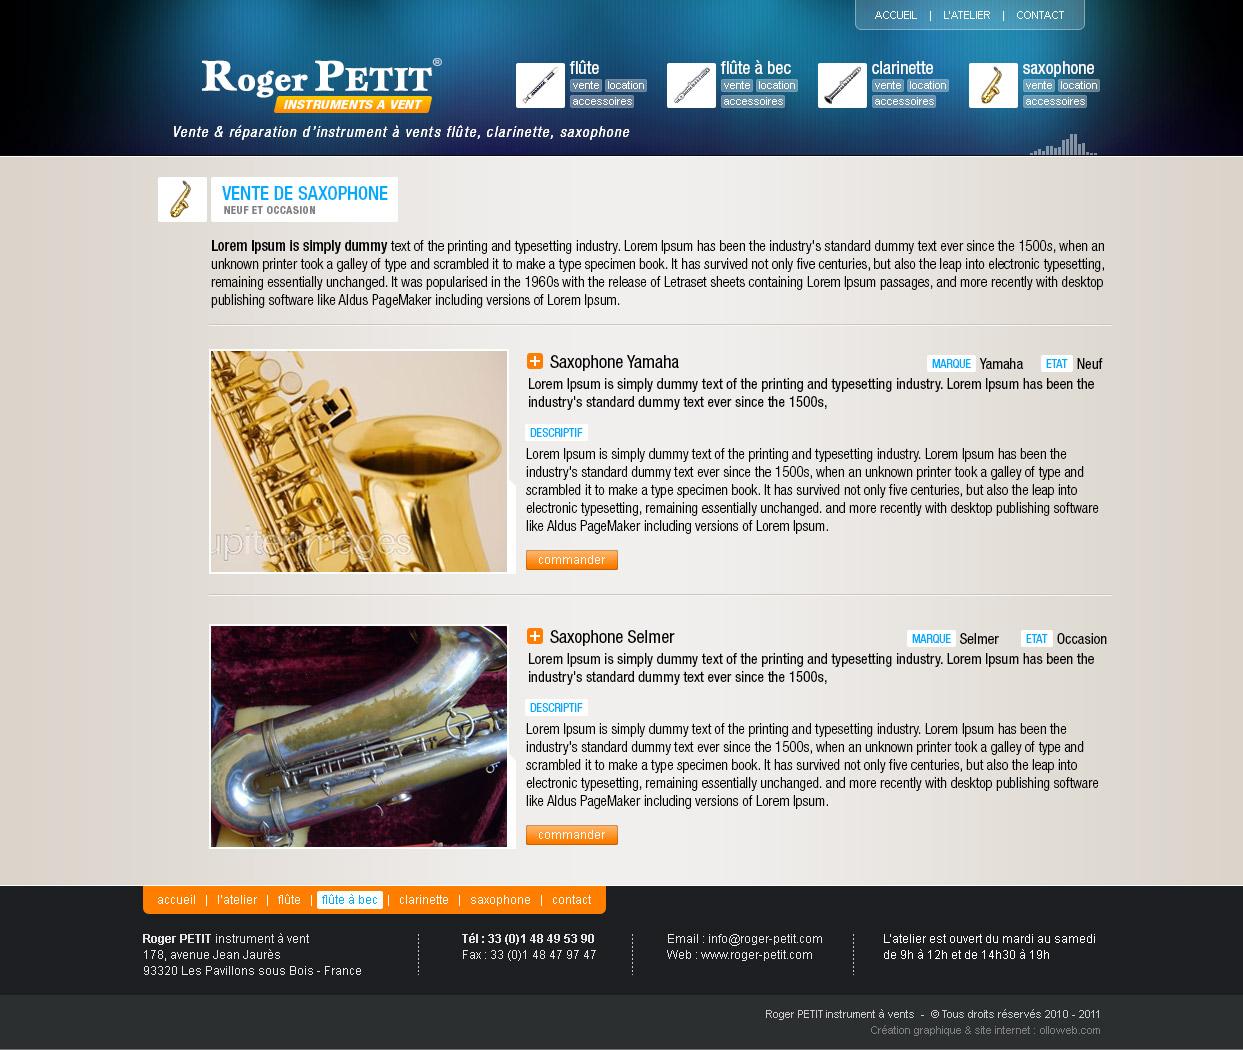 Graphisme de la page du catalogue d'instrument.